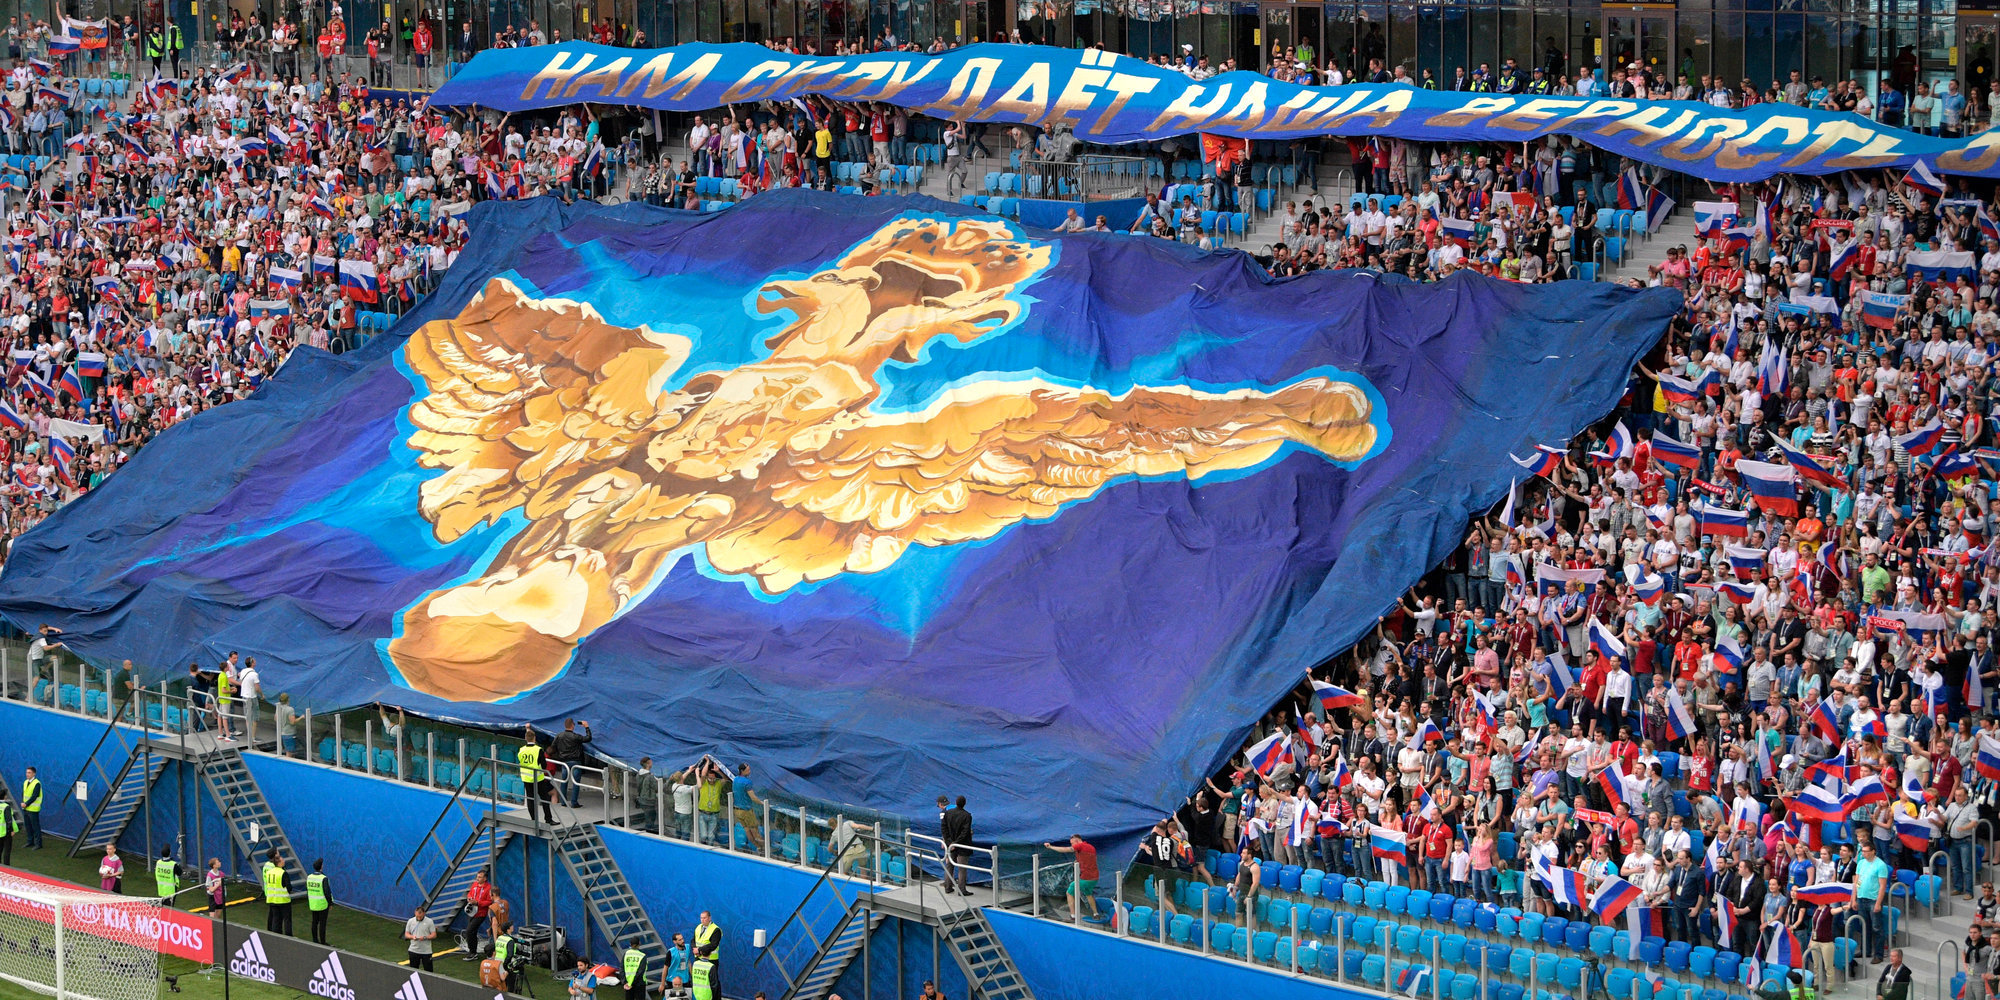 ФК «Олимпиец» одержал победу свой 1-ый матч нановом стадионе «Нижний Новгород»